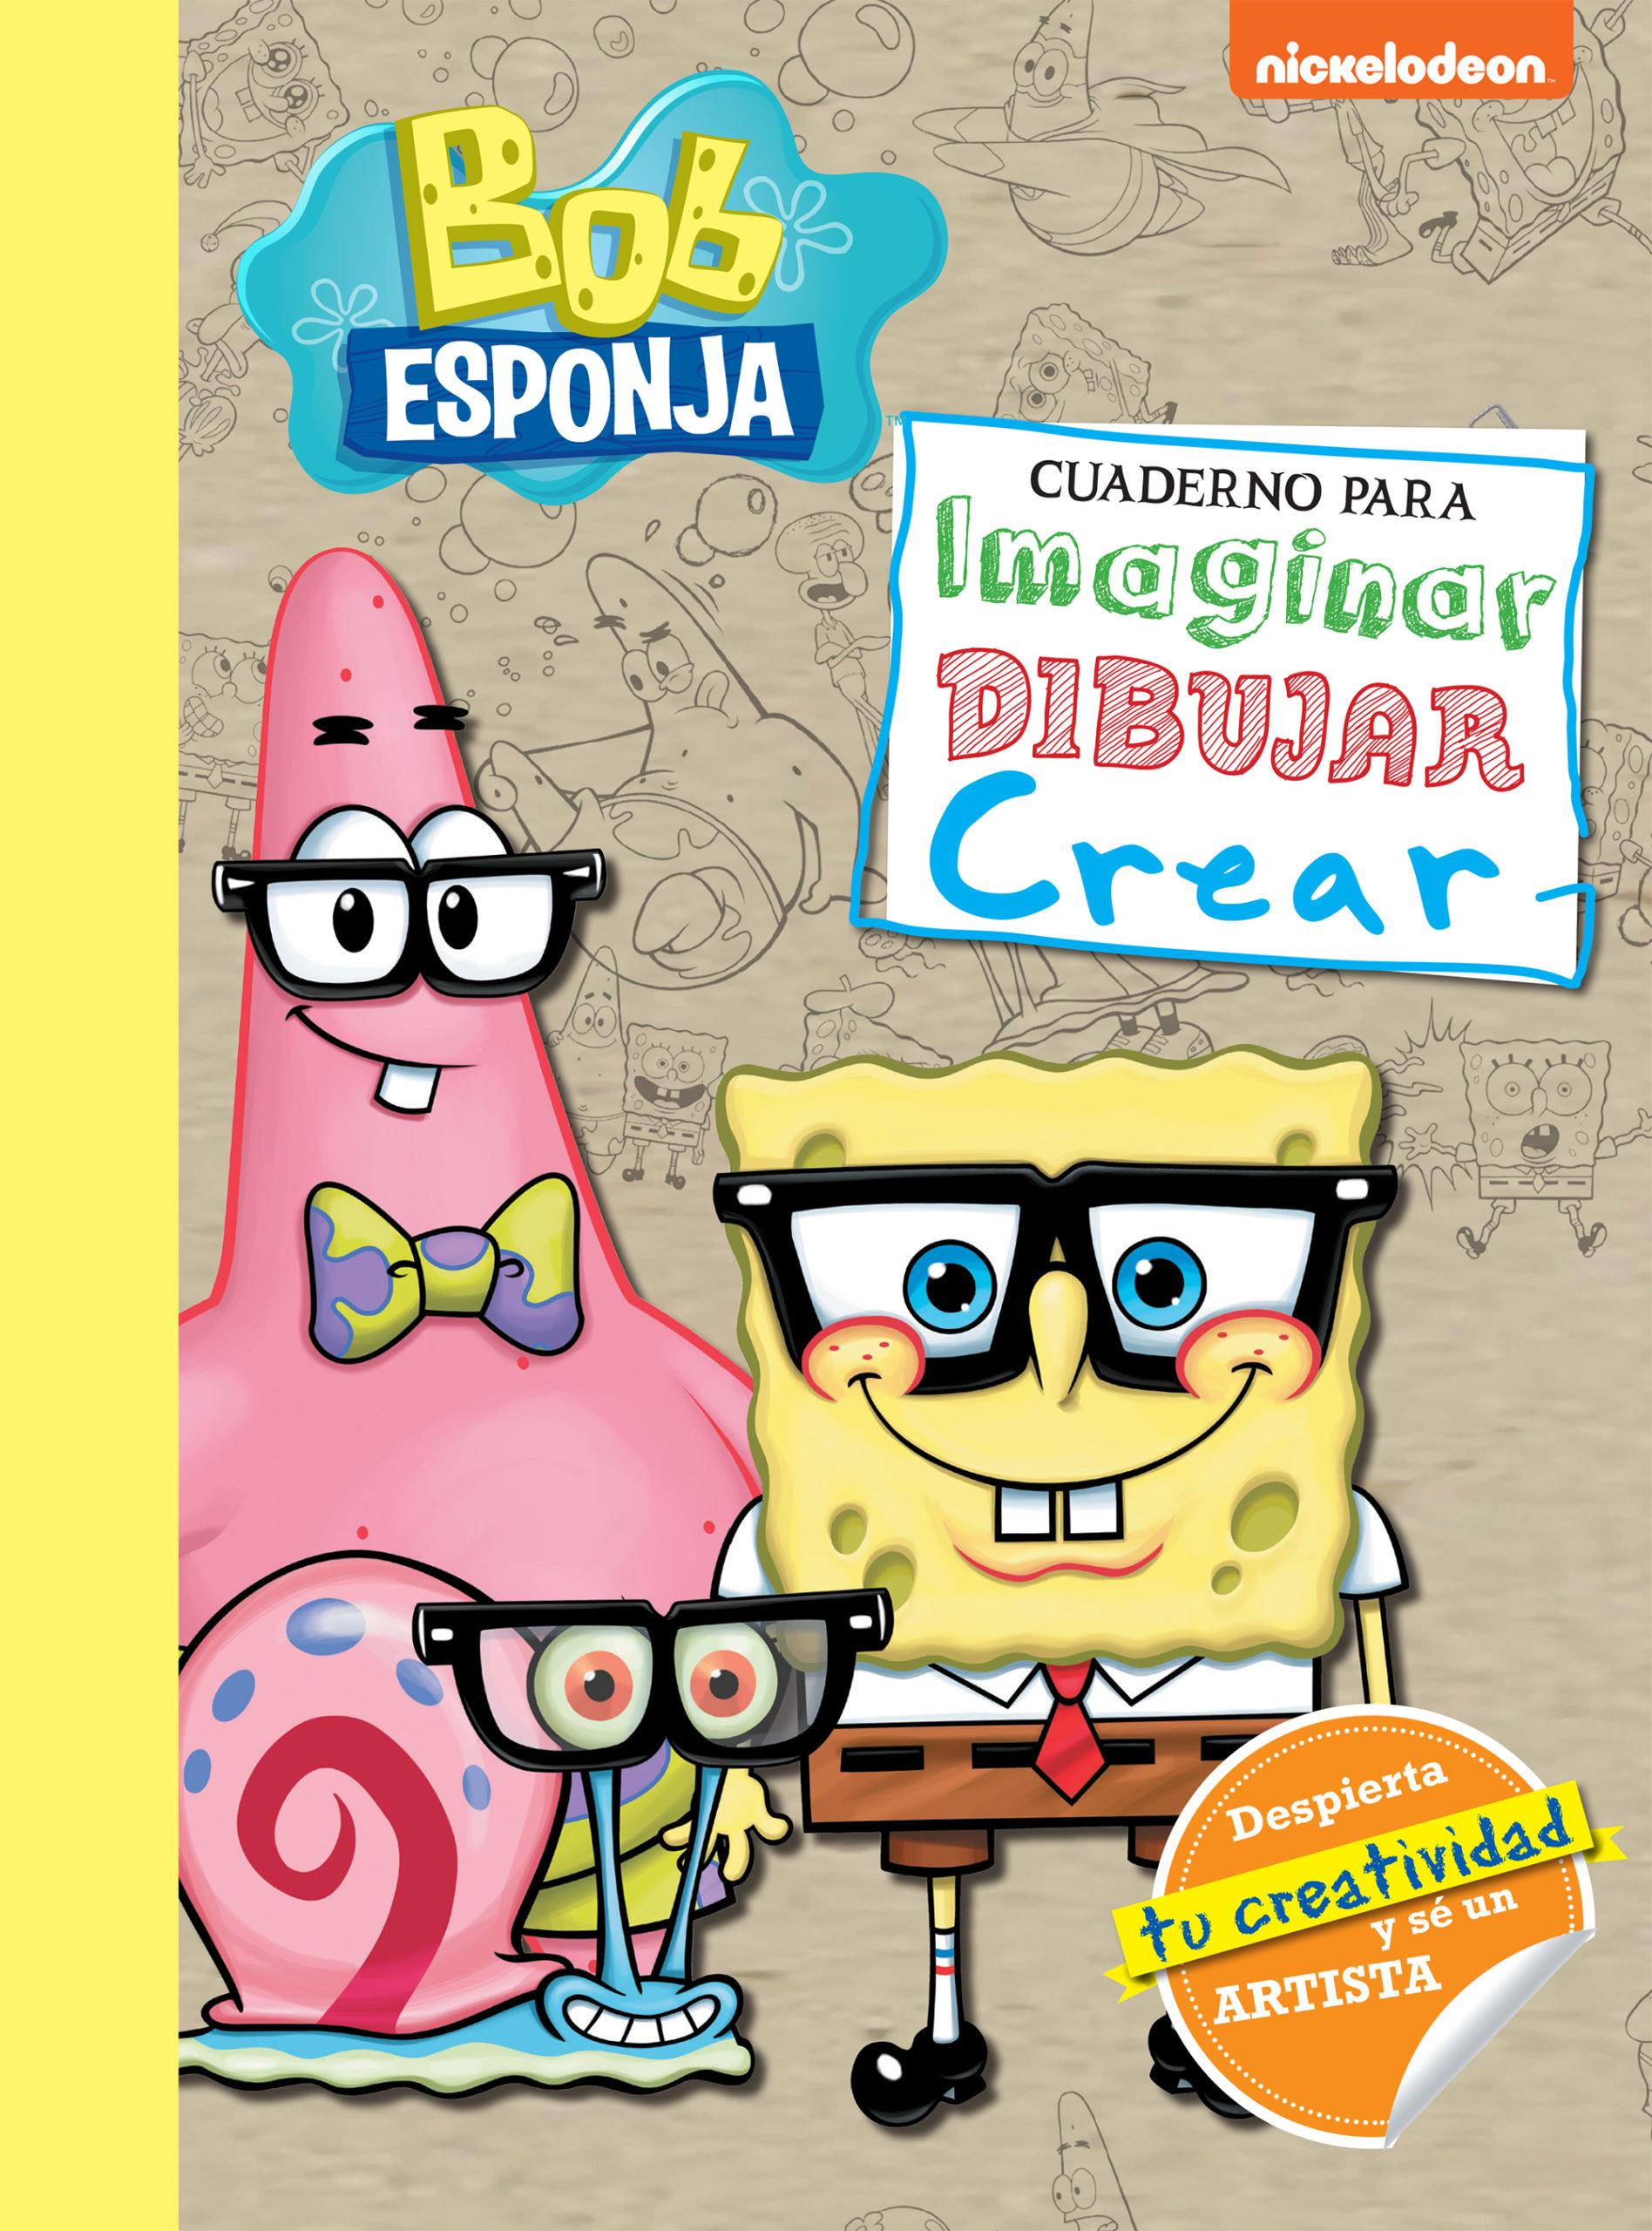 Bob Esponja. Cuaderno para imaginar, dibujar y crear - Nickelodeon